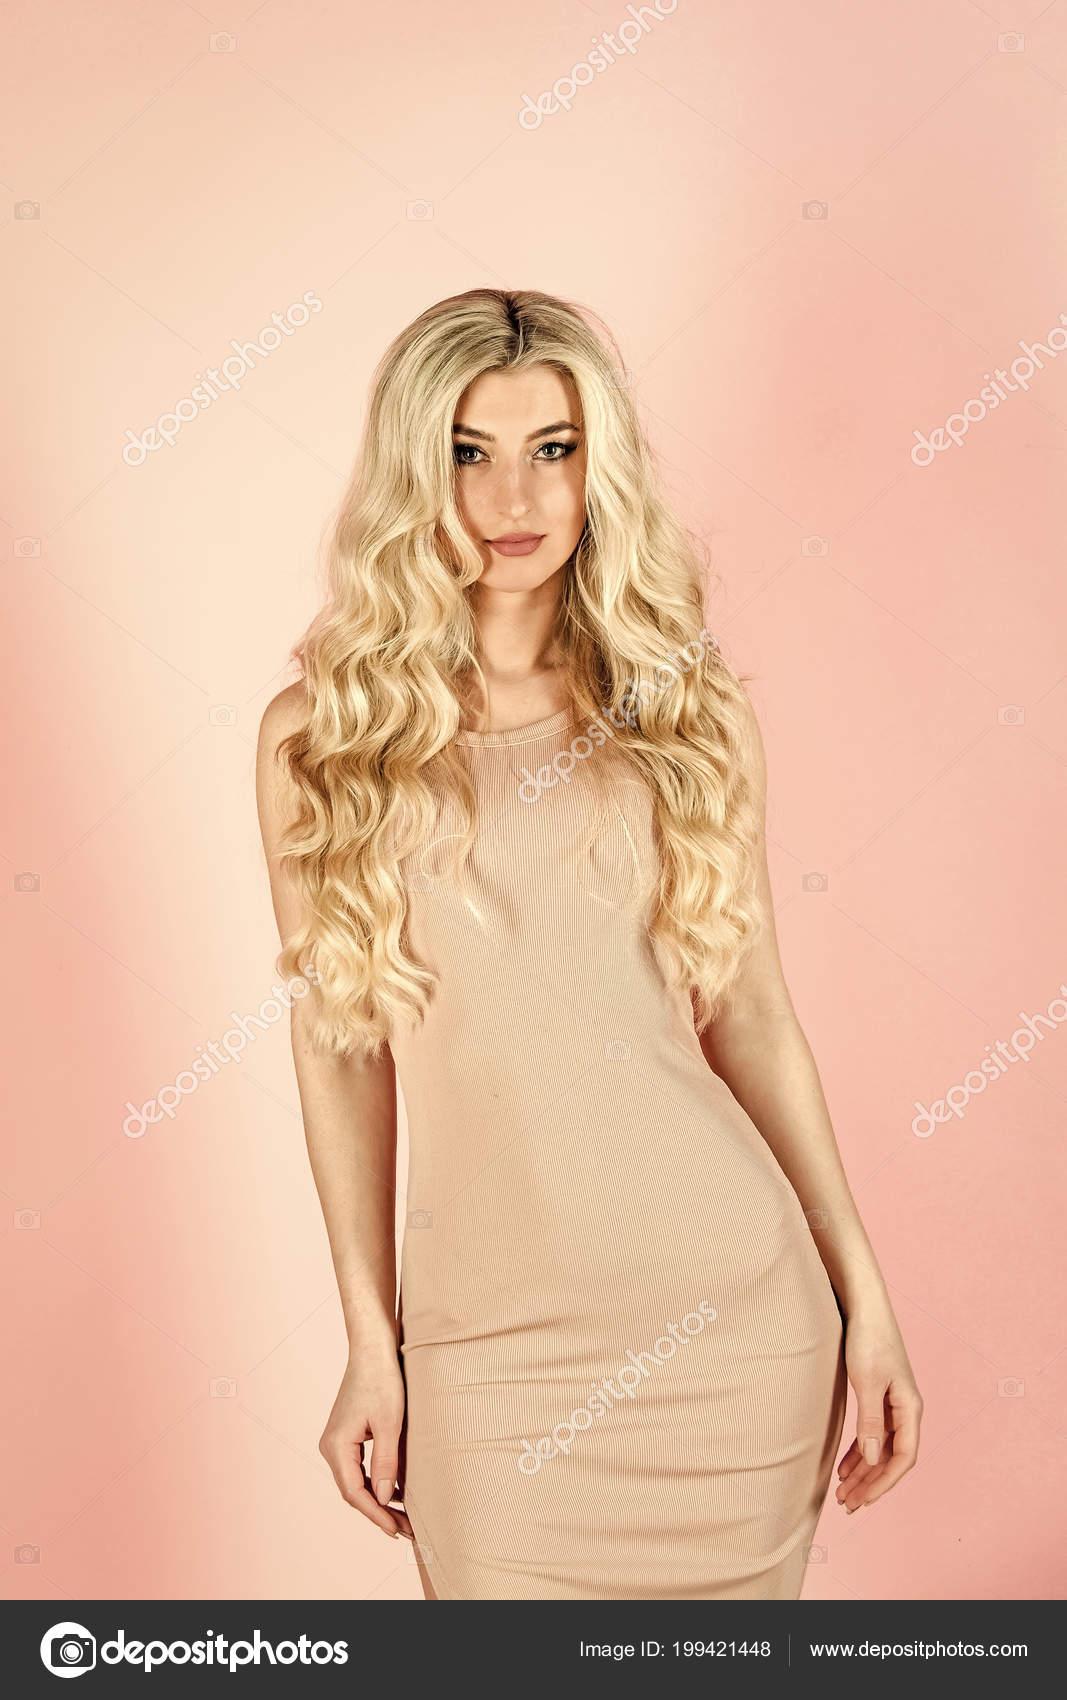 online store d08b2 8d144 Ragazza in vestito alla moda sexy. Aspetto e stile moda ...